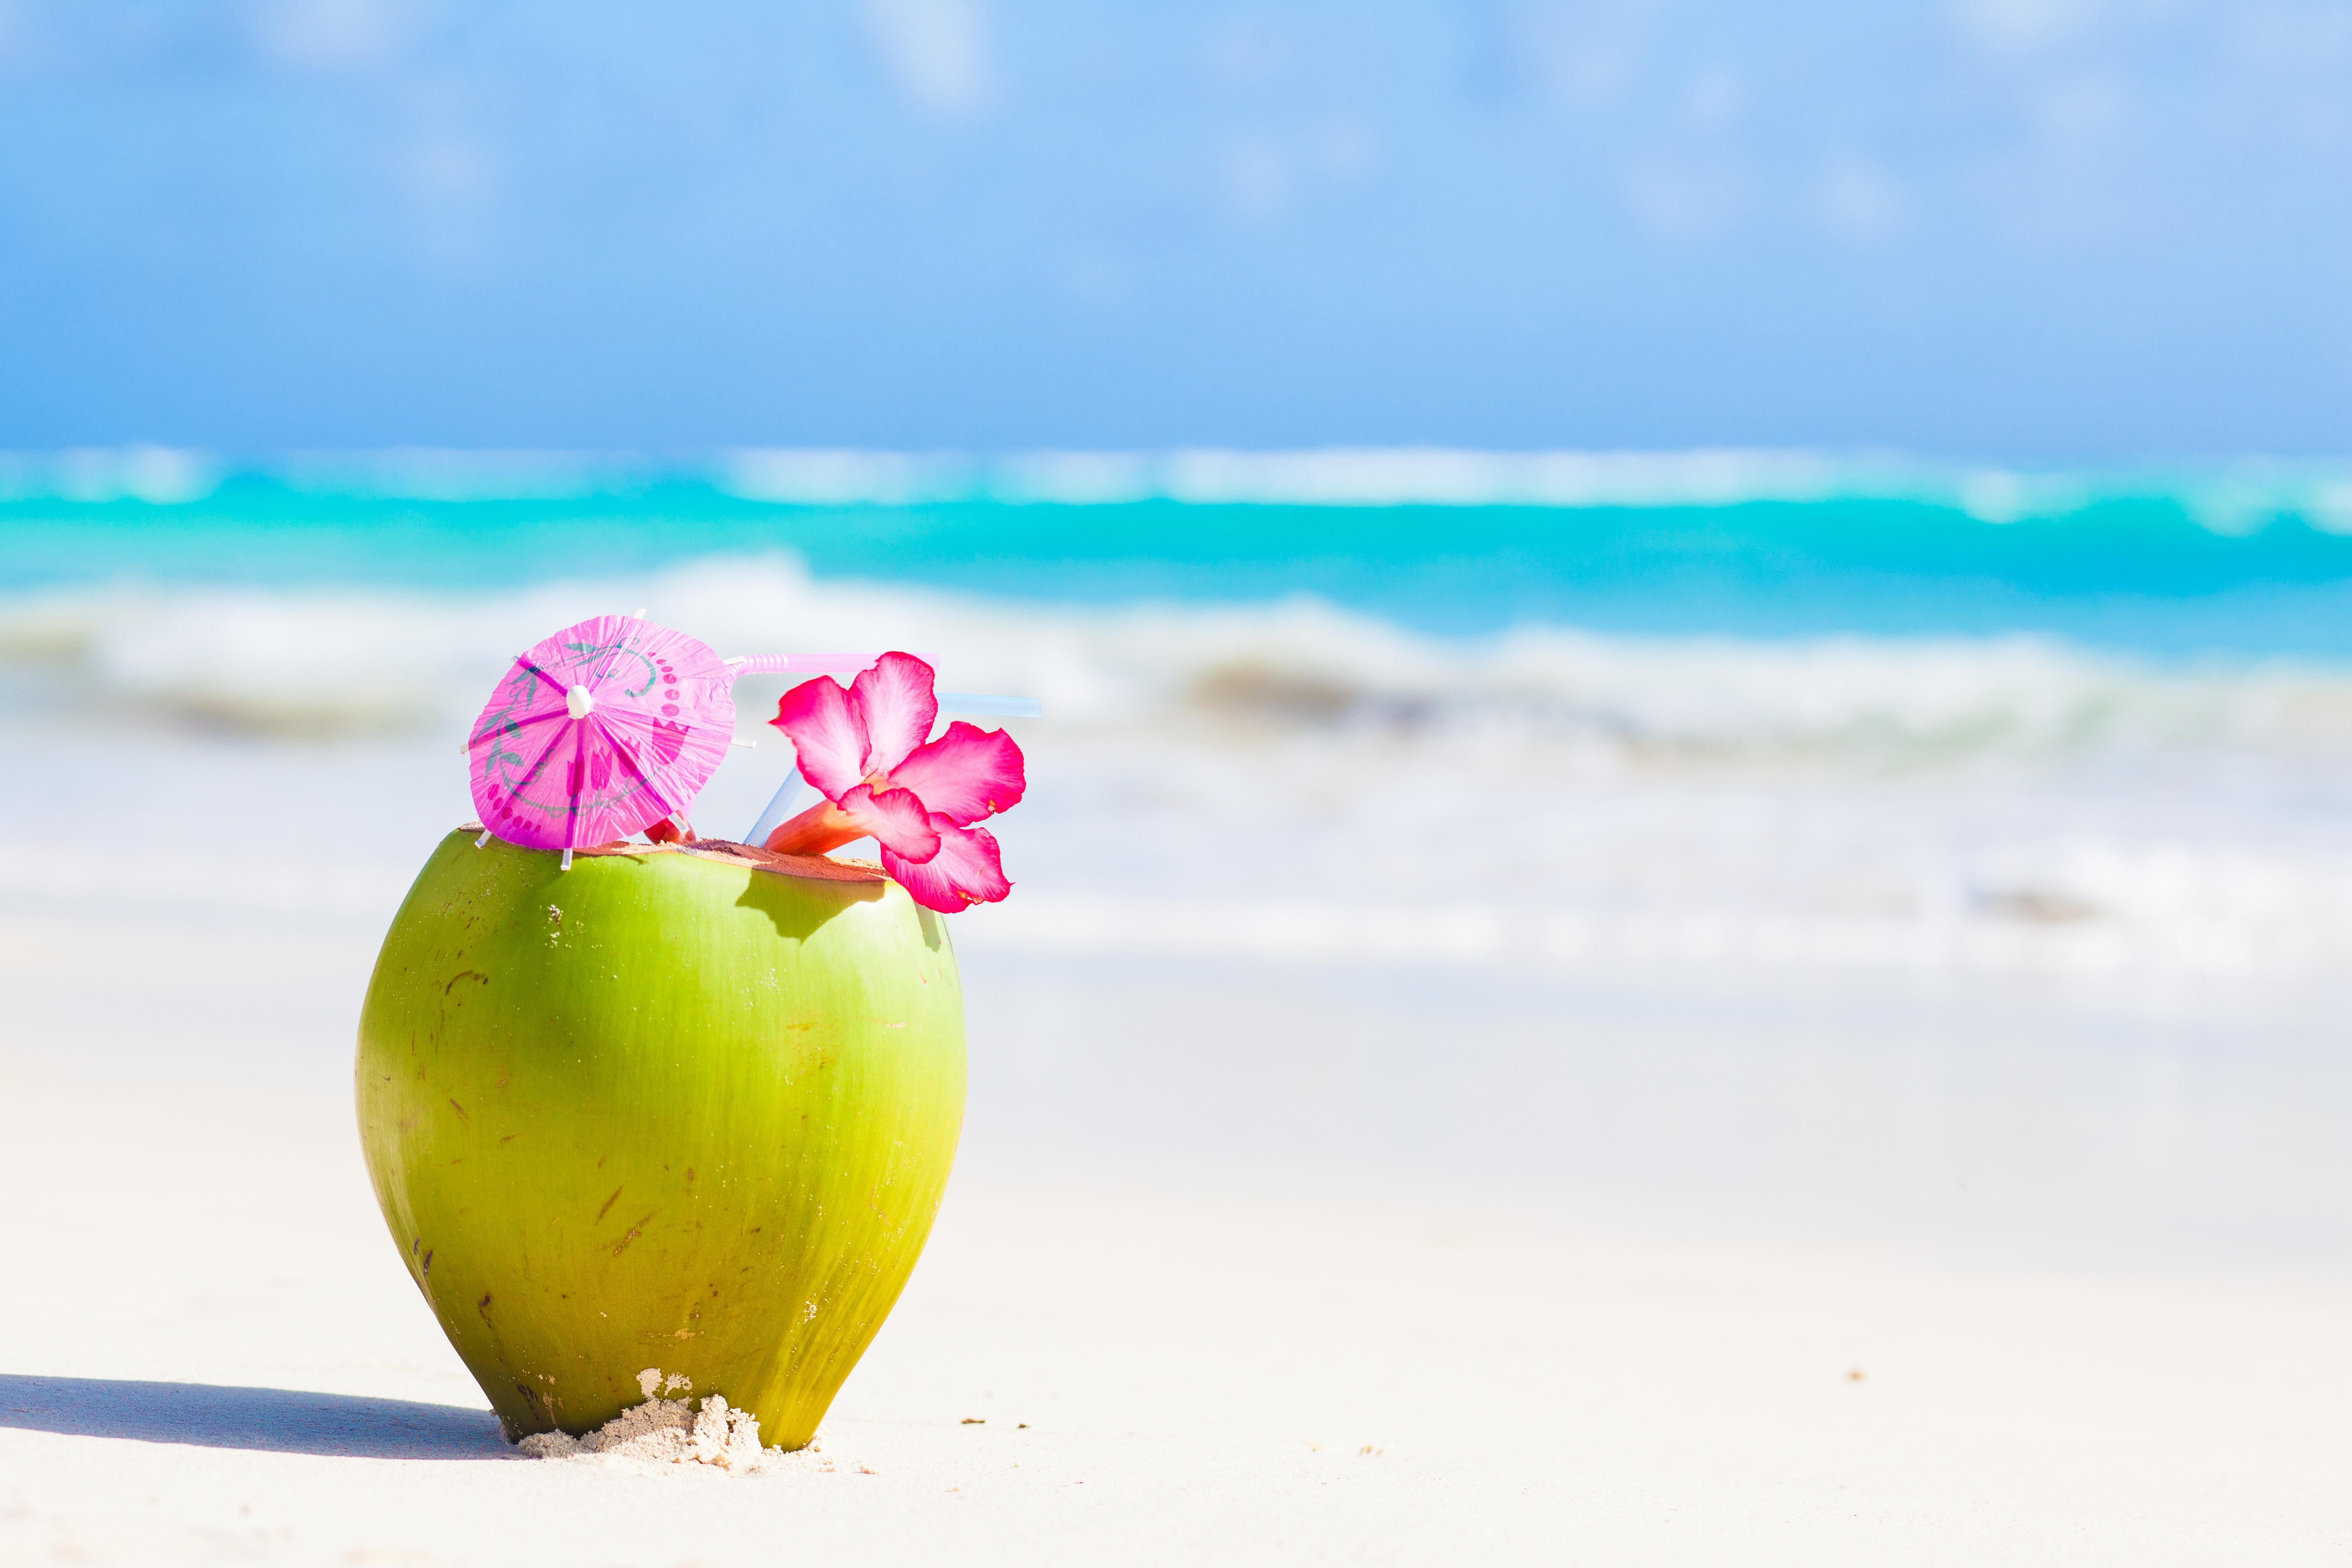 Фото пляжа с цветами